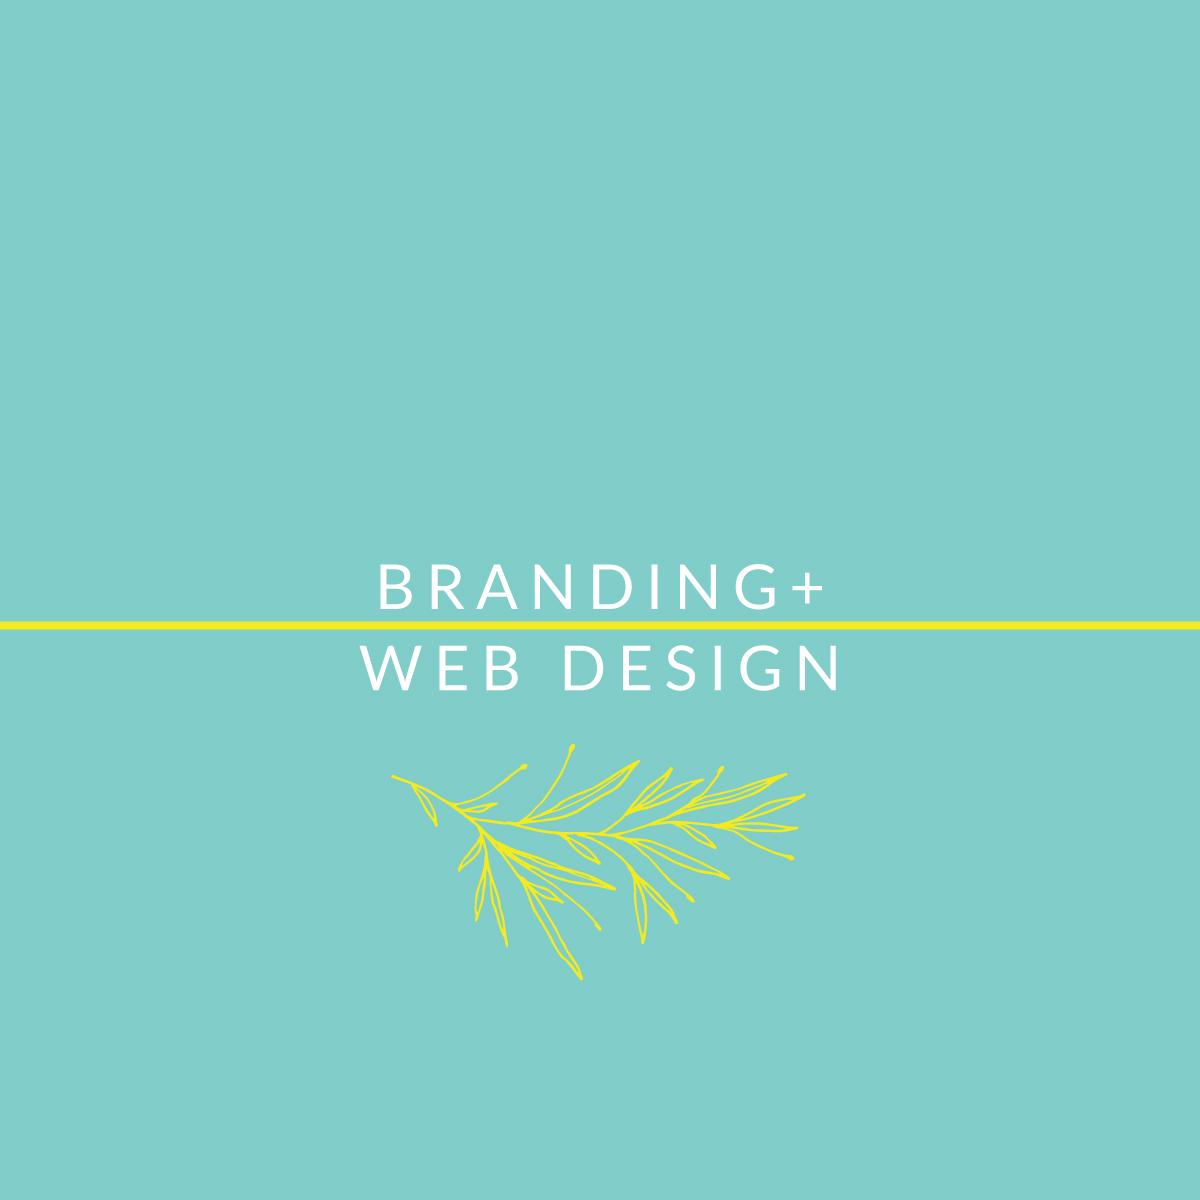 unbeatenstudio-package-branding-websdesign.jpg